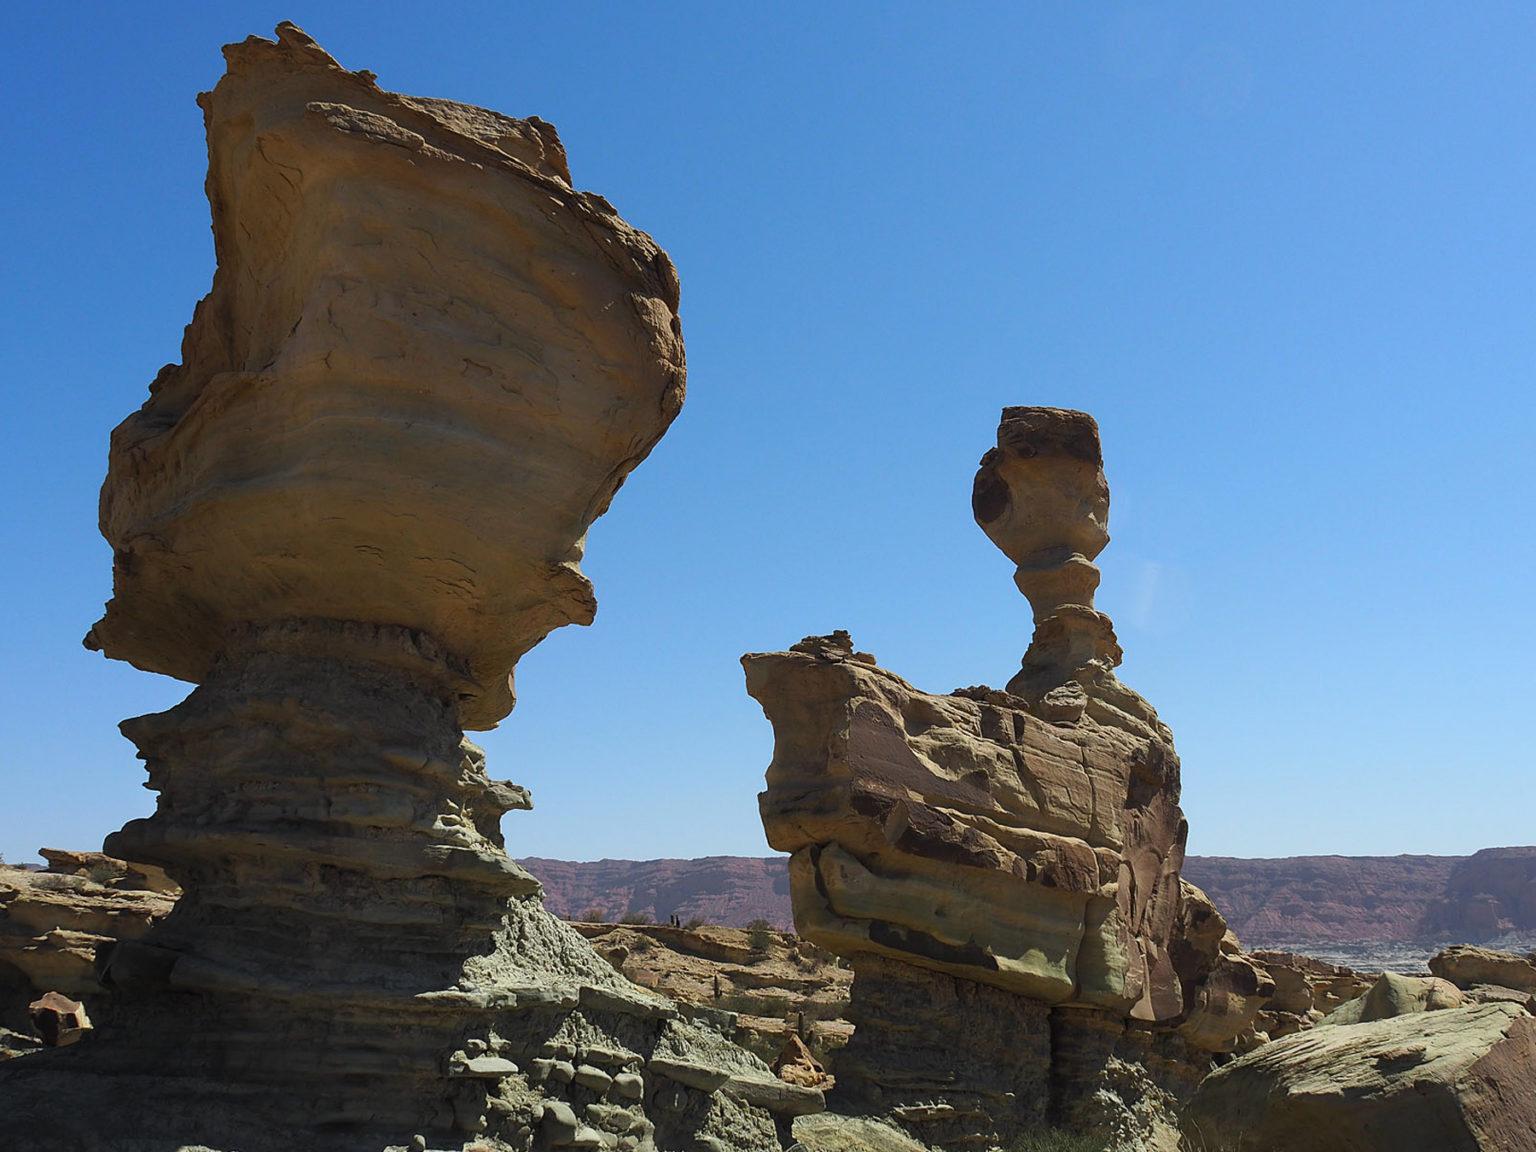 …die verschiedensten Felsformationen zu entdecken